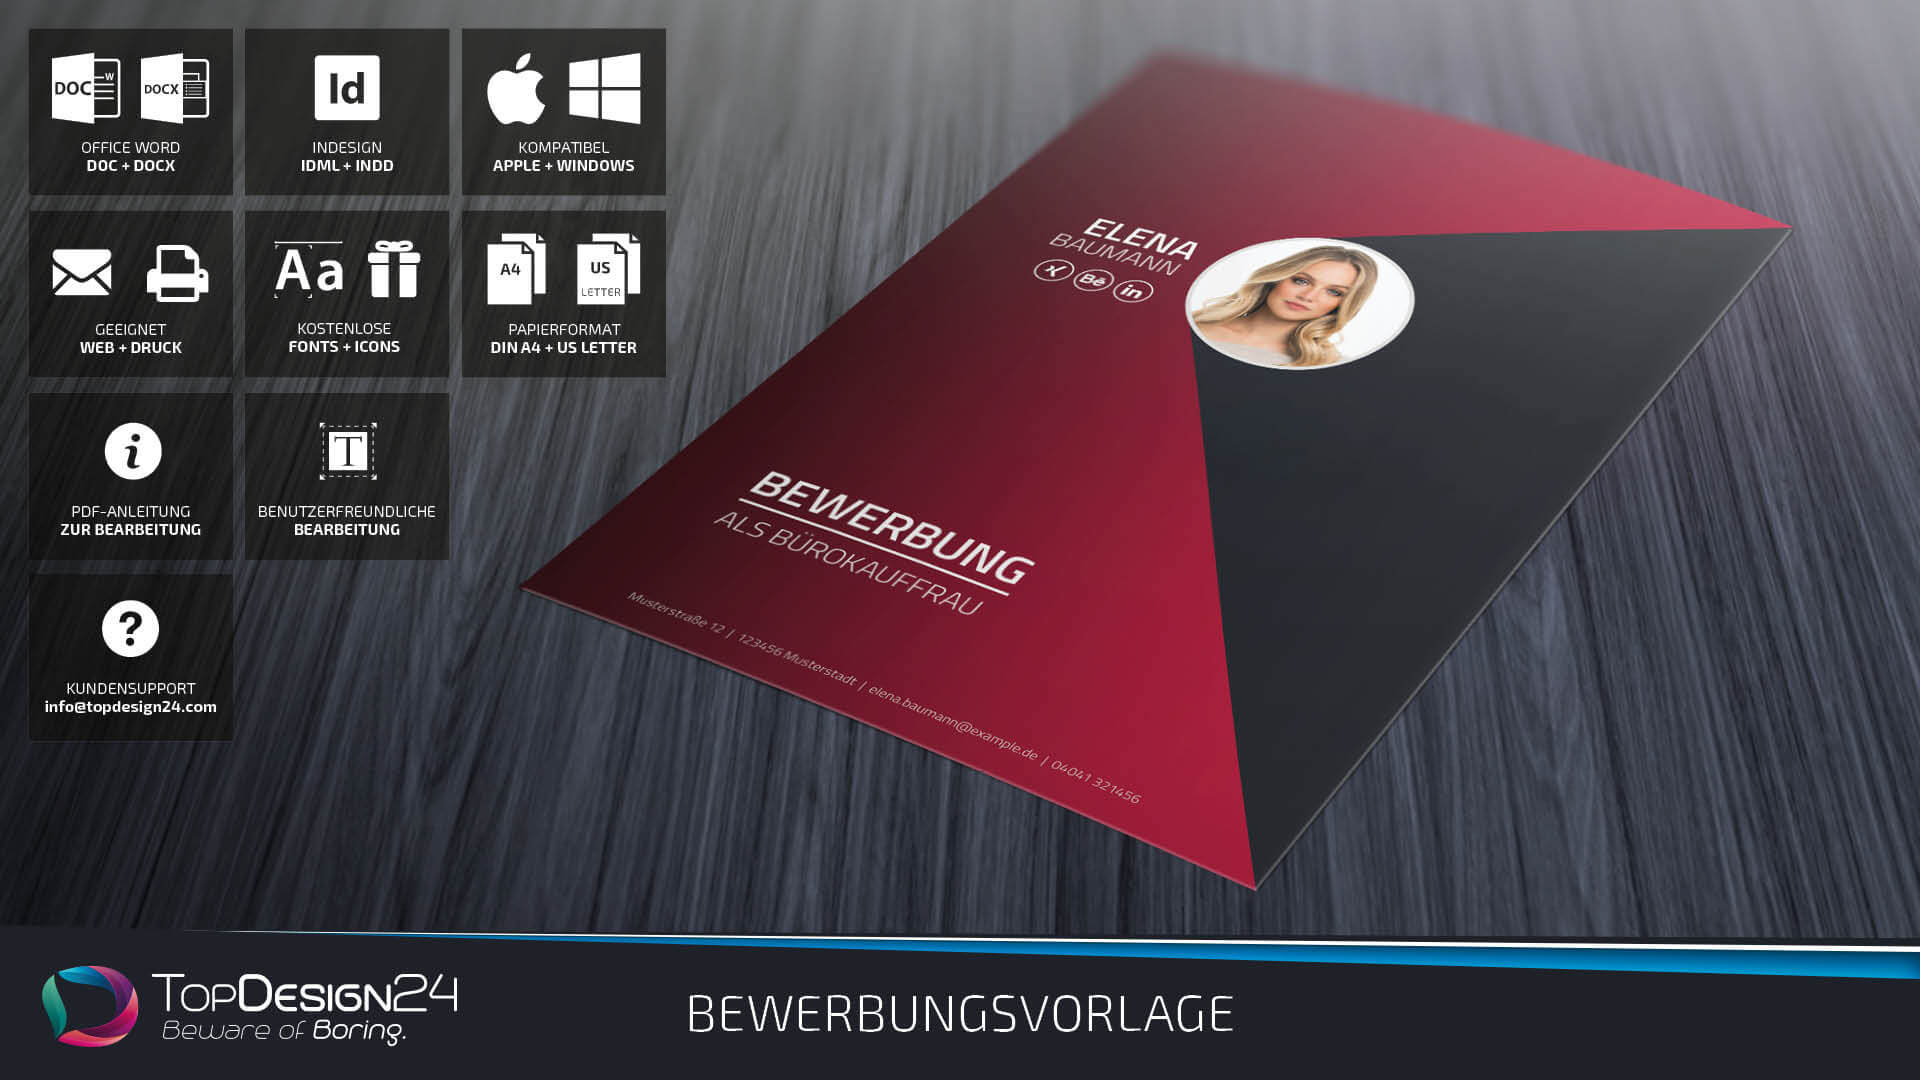 Lebenslauf Vorlage 2018 Topdesign24 Bewerbungsvorlage Word 2018